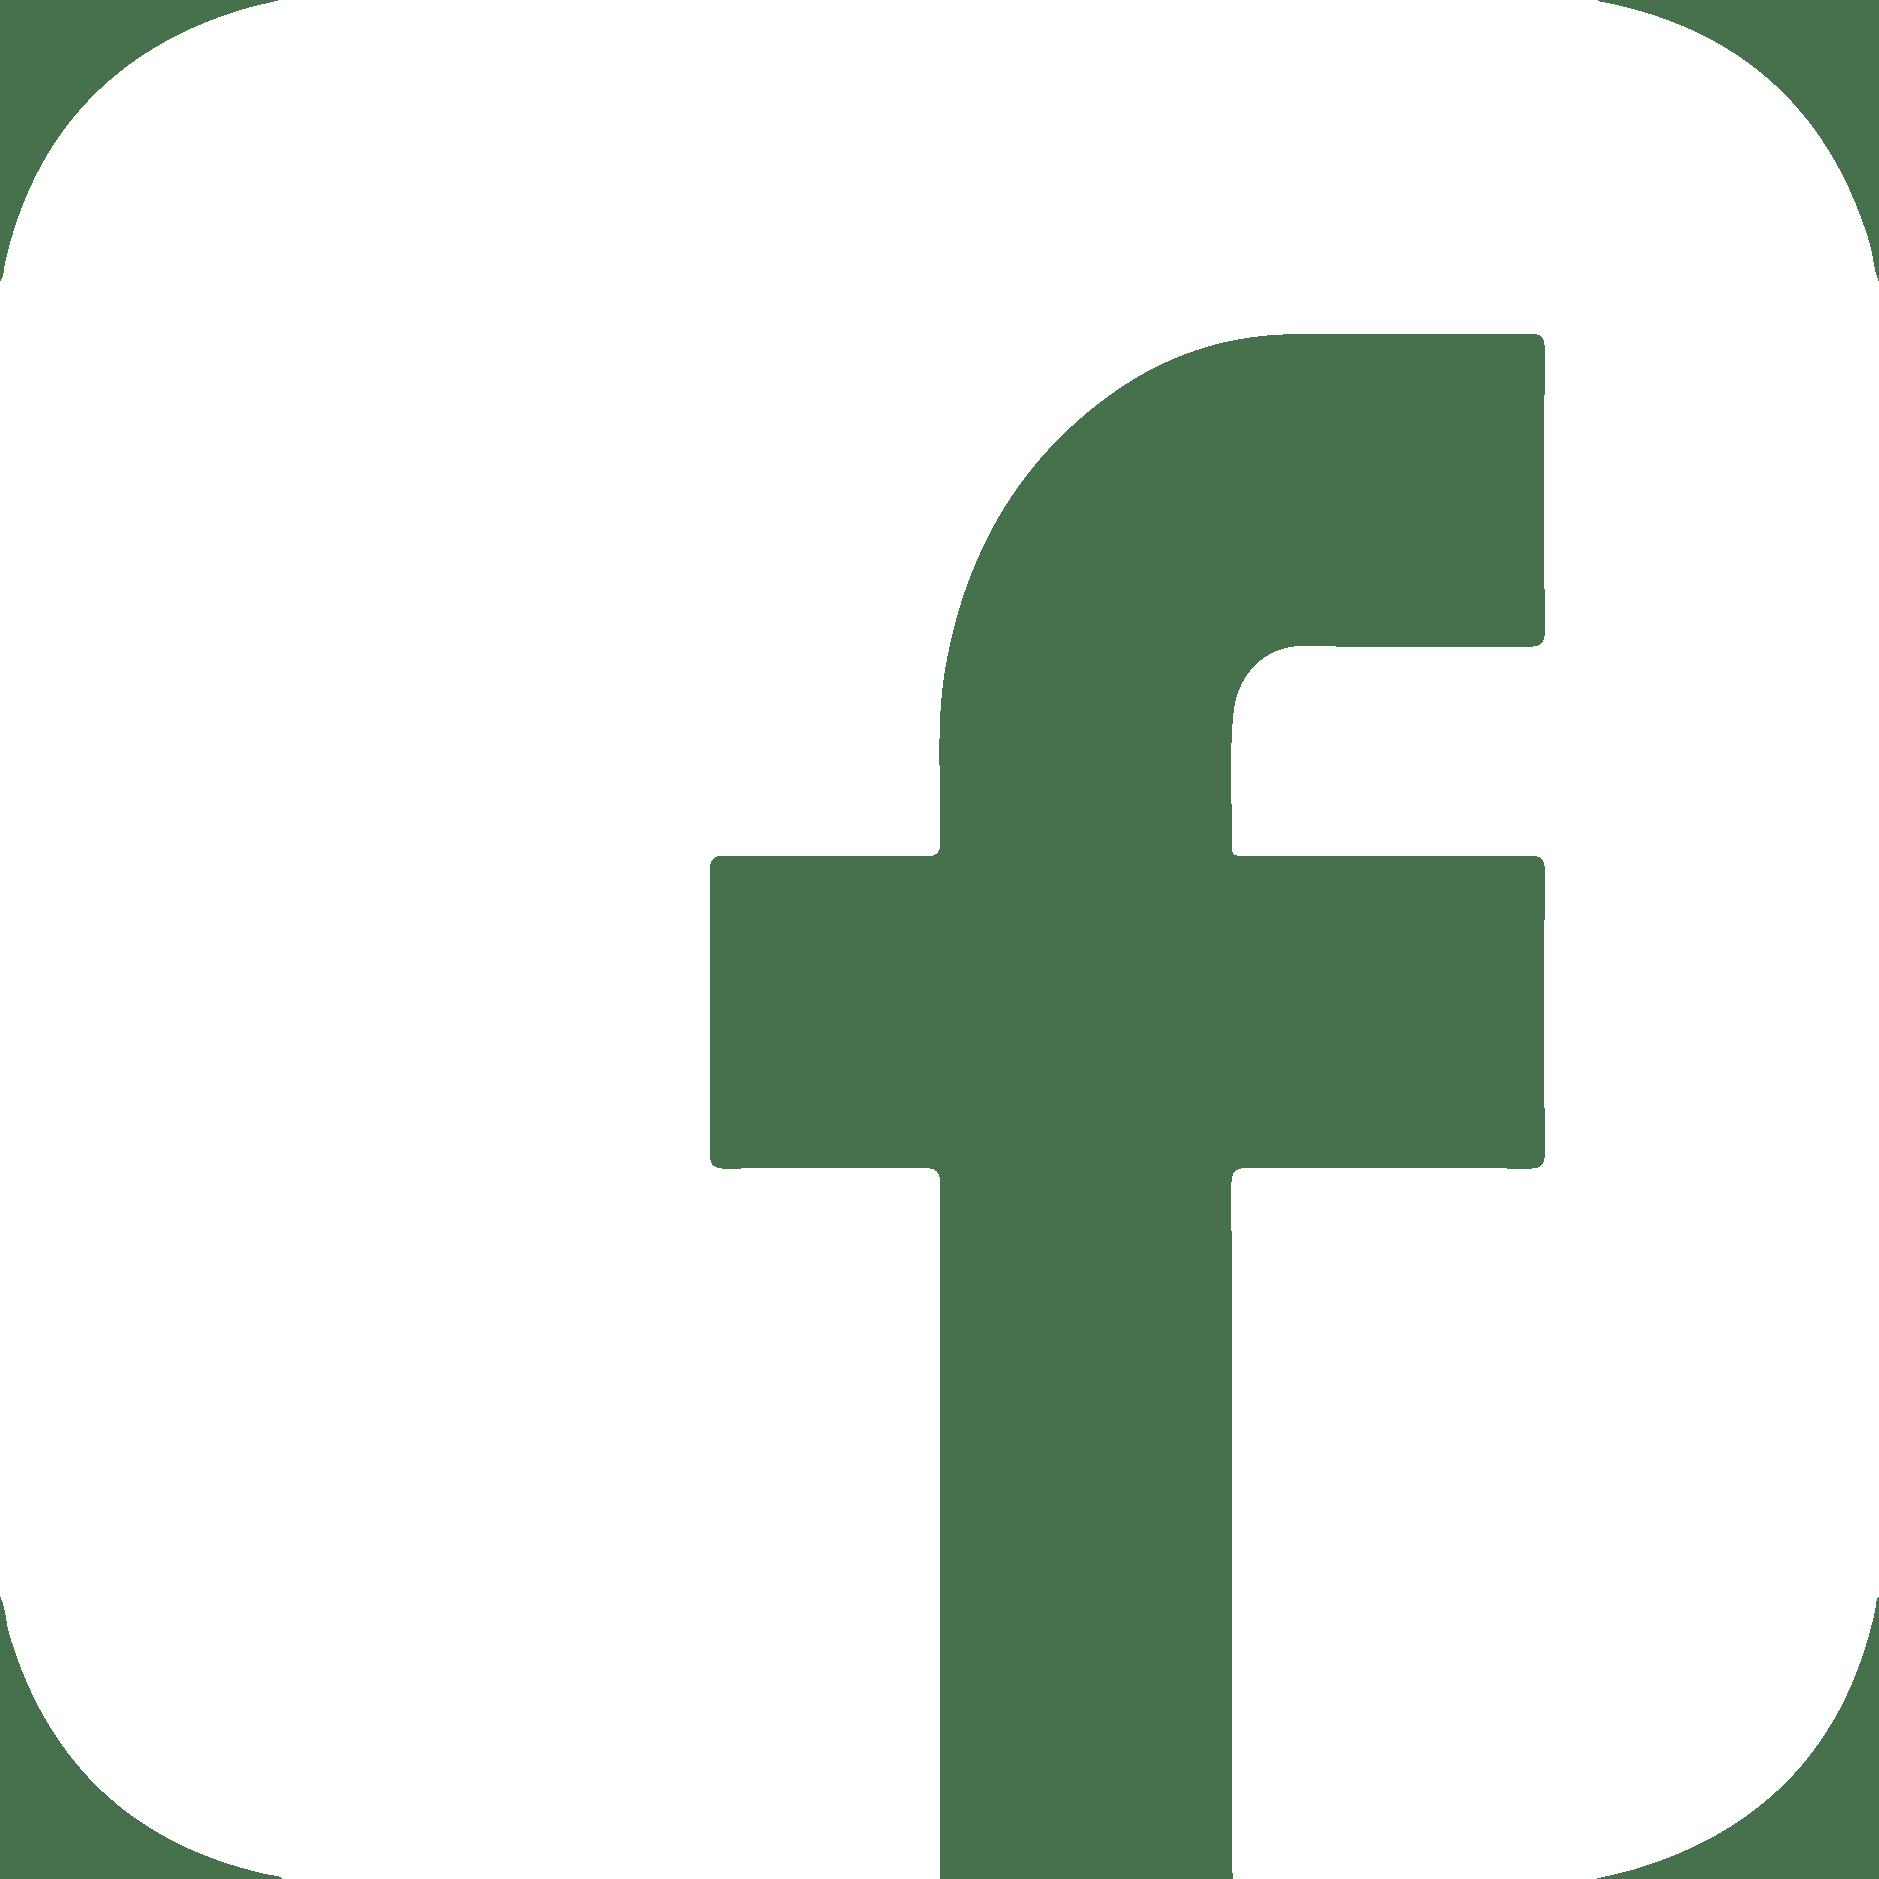 Facebook #EnoughStuff